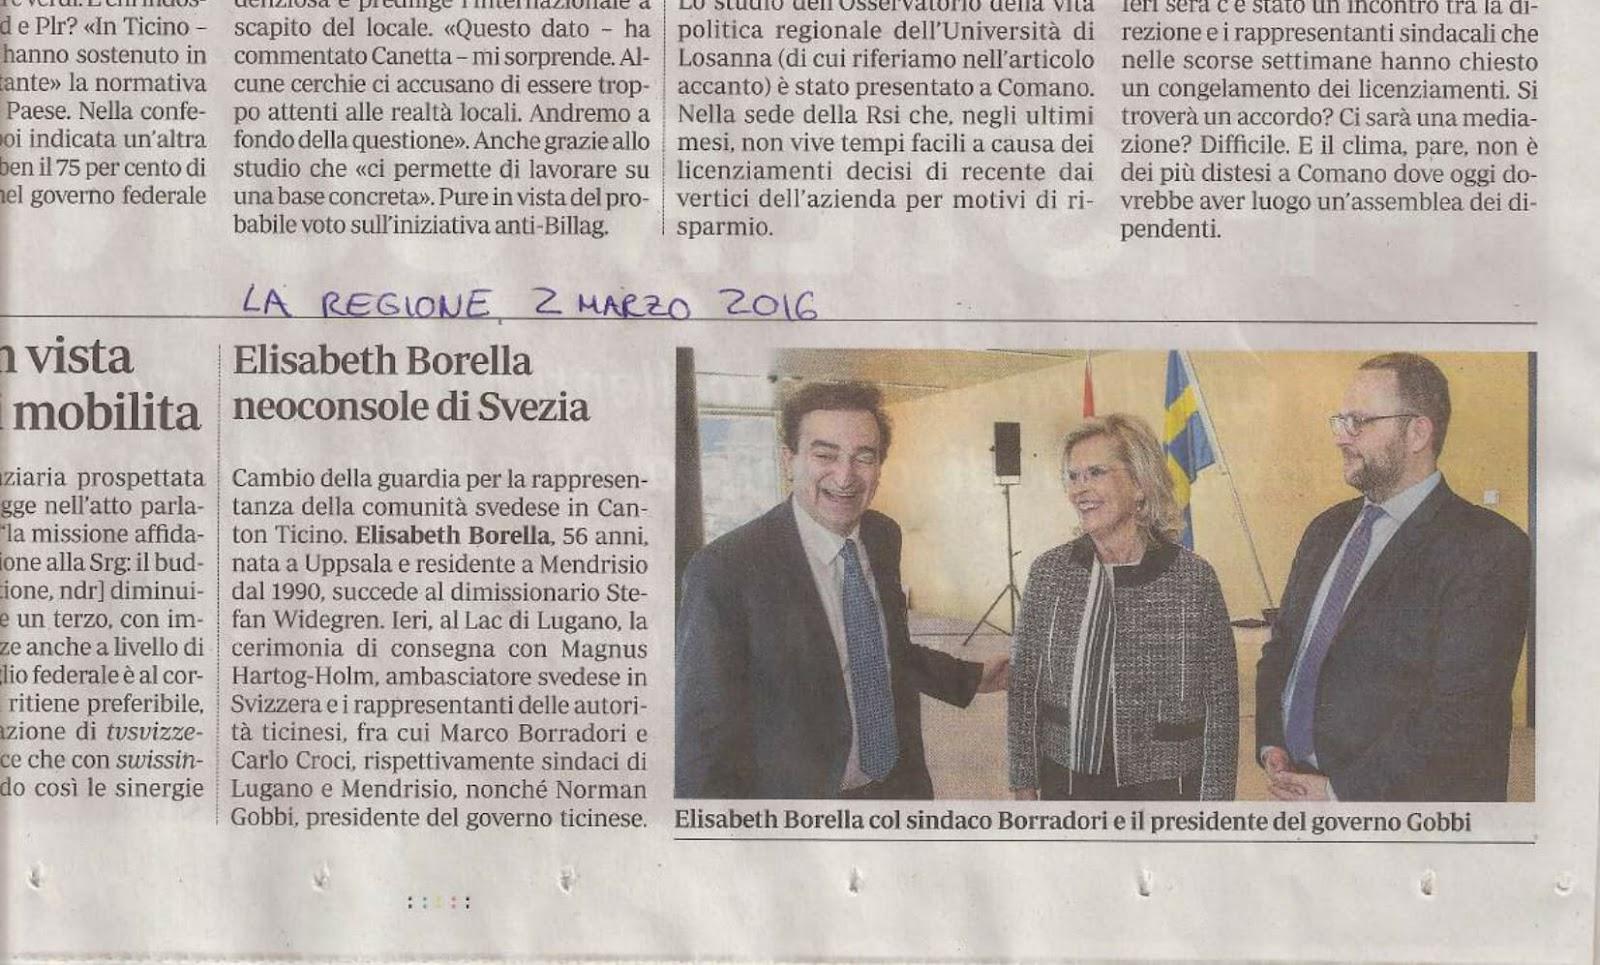 Tidningar 1 mars 2016.compressed (trascinato)-1.jpg